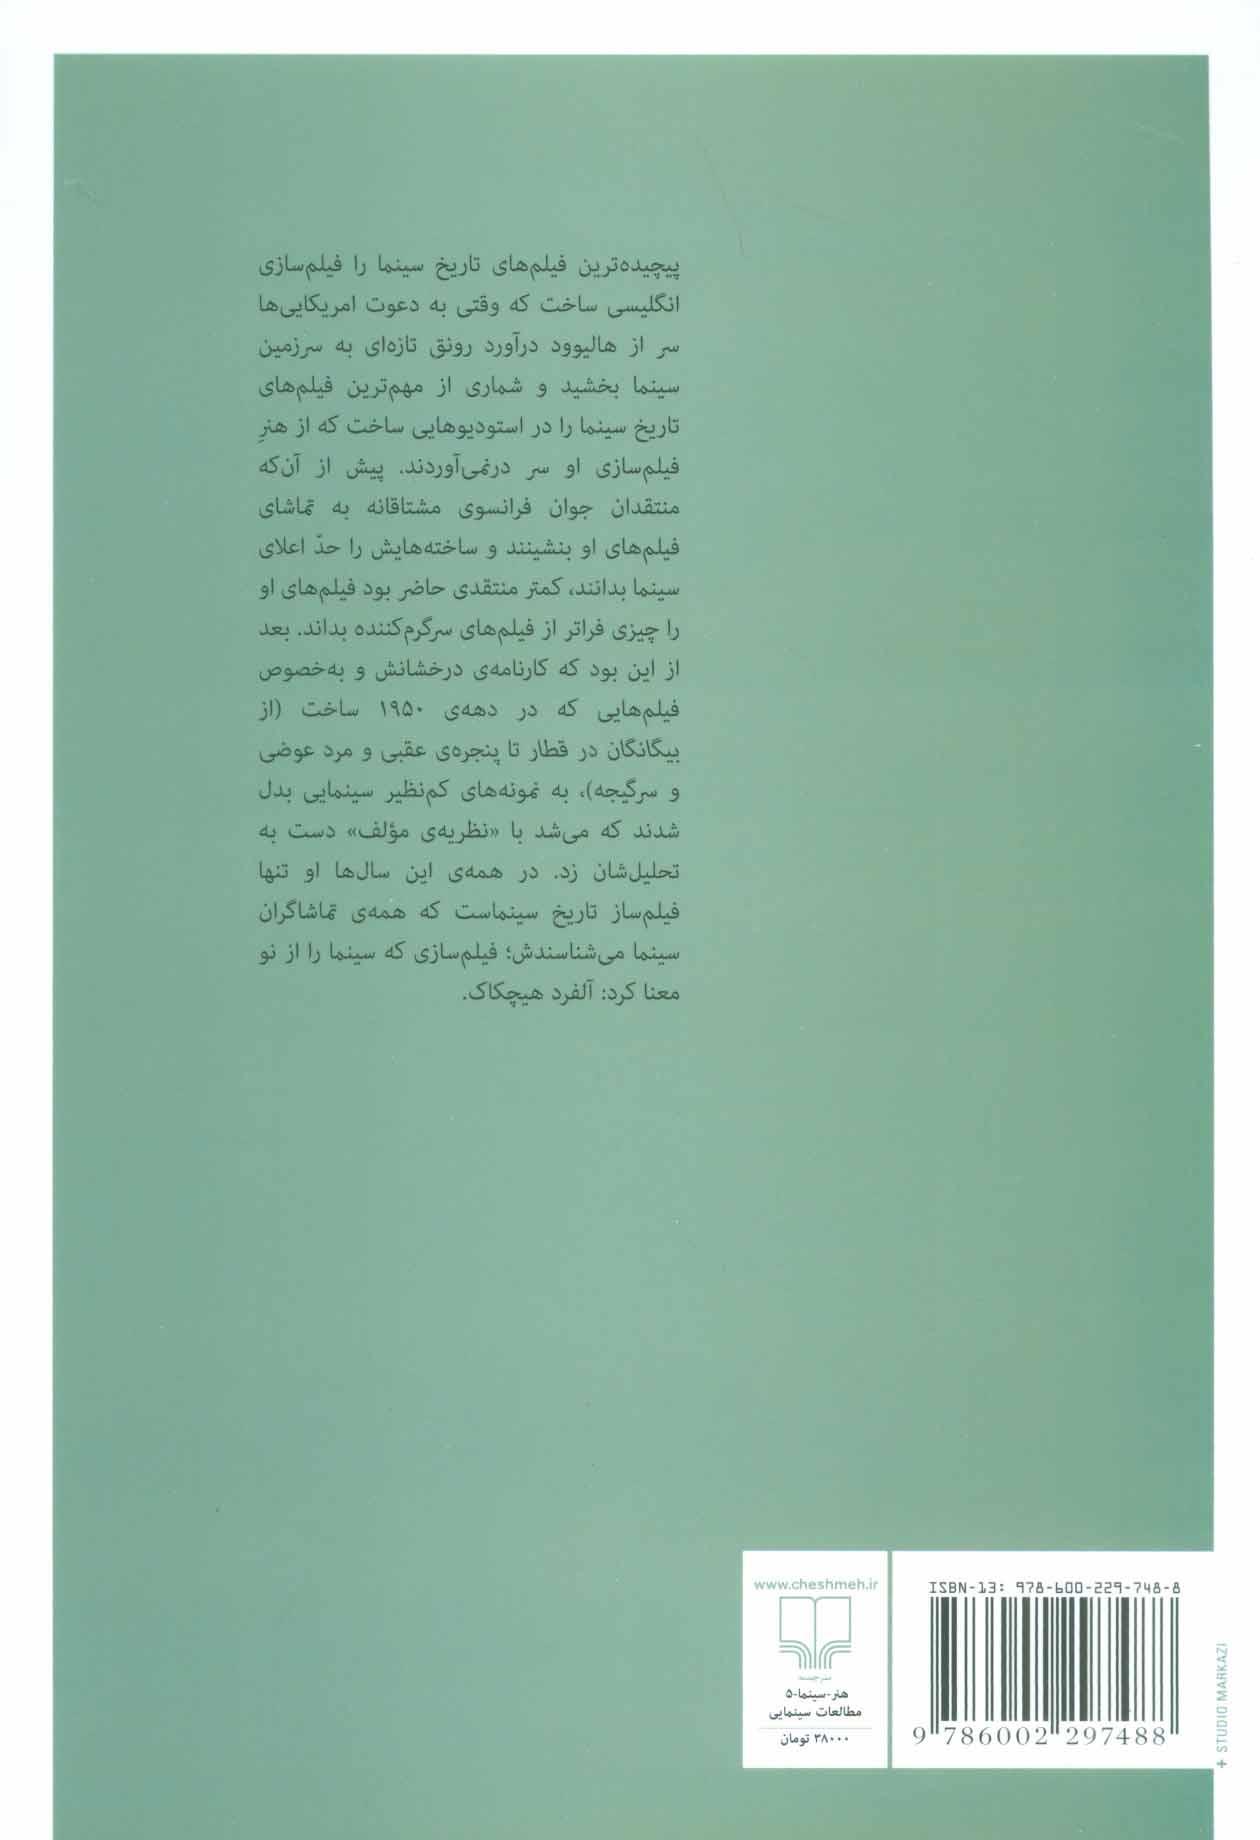 ه همانند هیچکاک:زندگی و آثار آلفرد هیچکاک (مطالعات سینمایی)